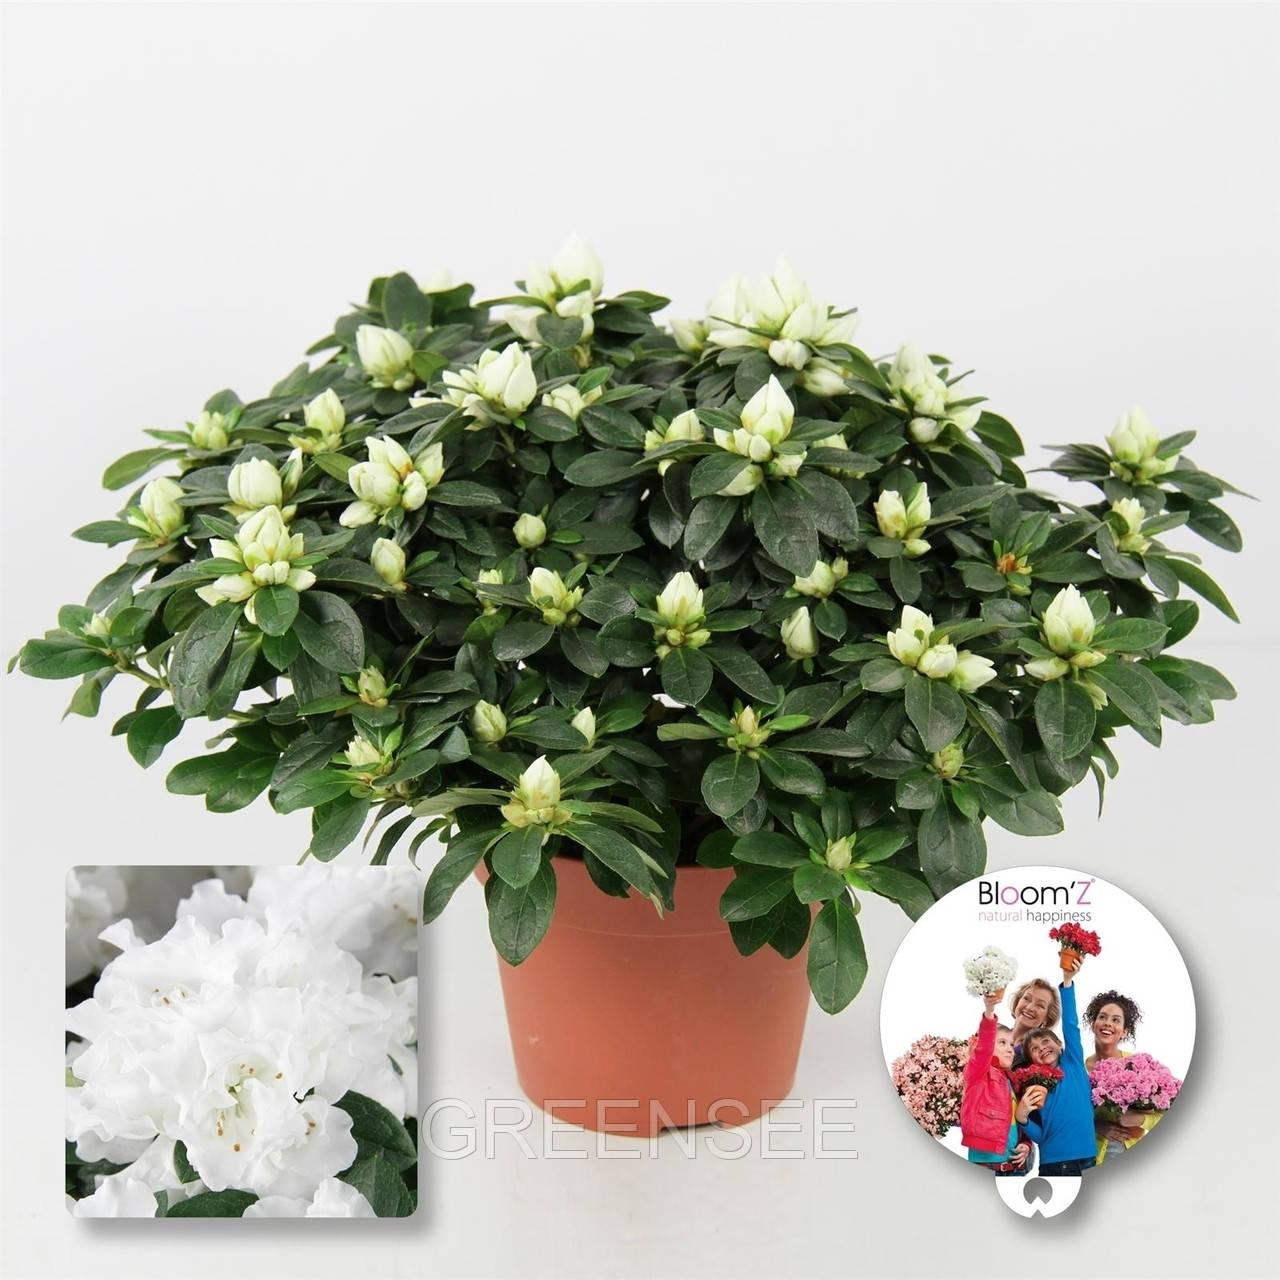 Цветы рододендроны купить цена, цветы комнатные каталог купить недорого украина